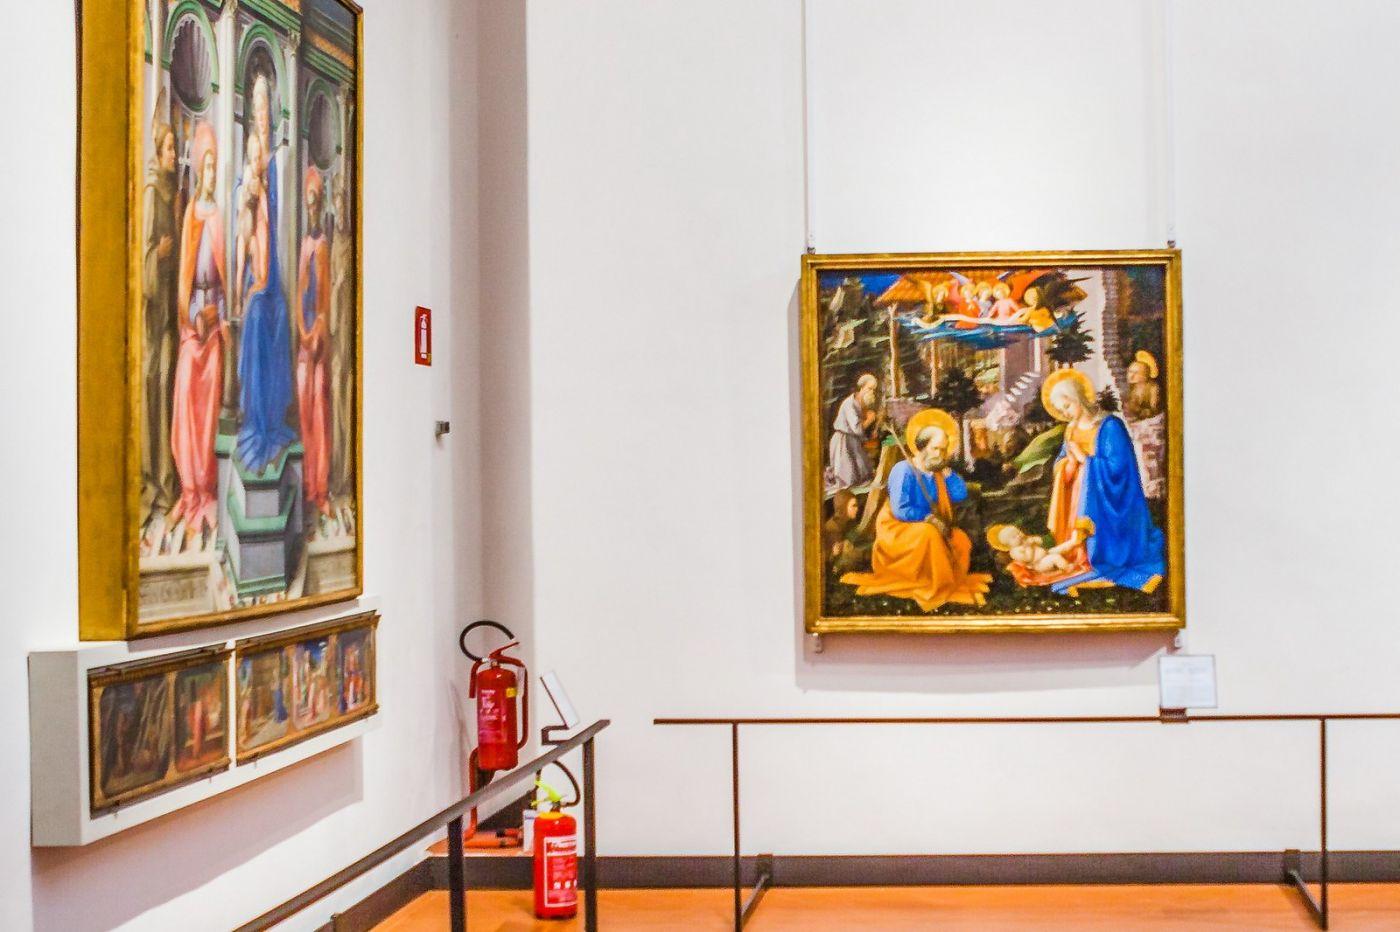 意大利佛罗伦斯乌菲兹美术馆, 藏品大展_图1-20